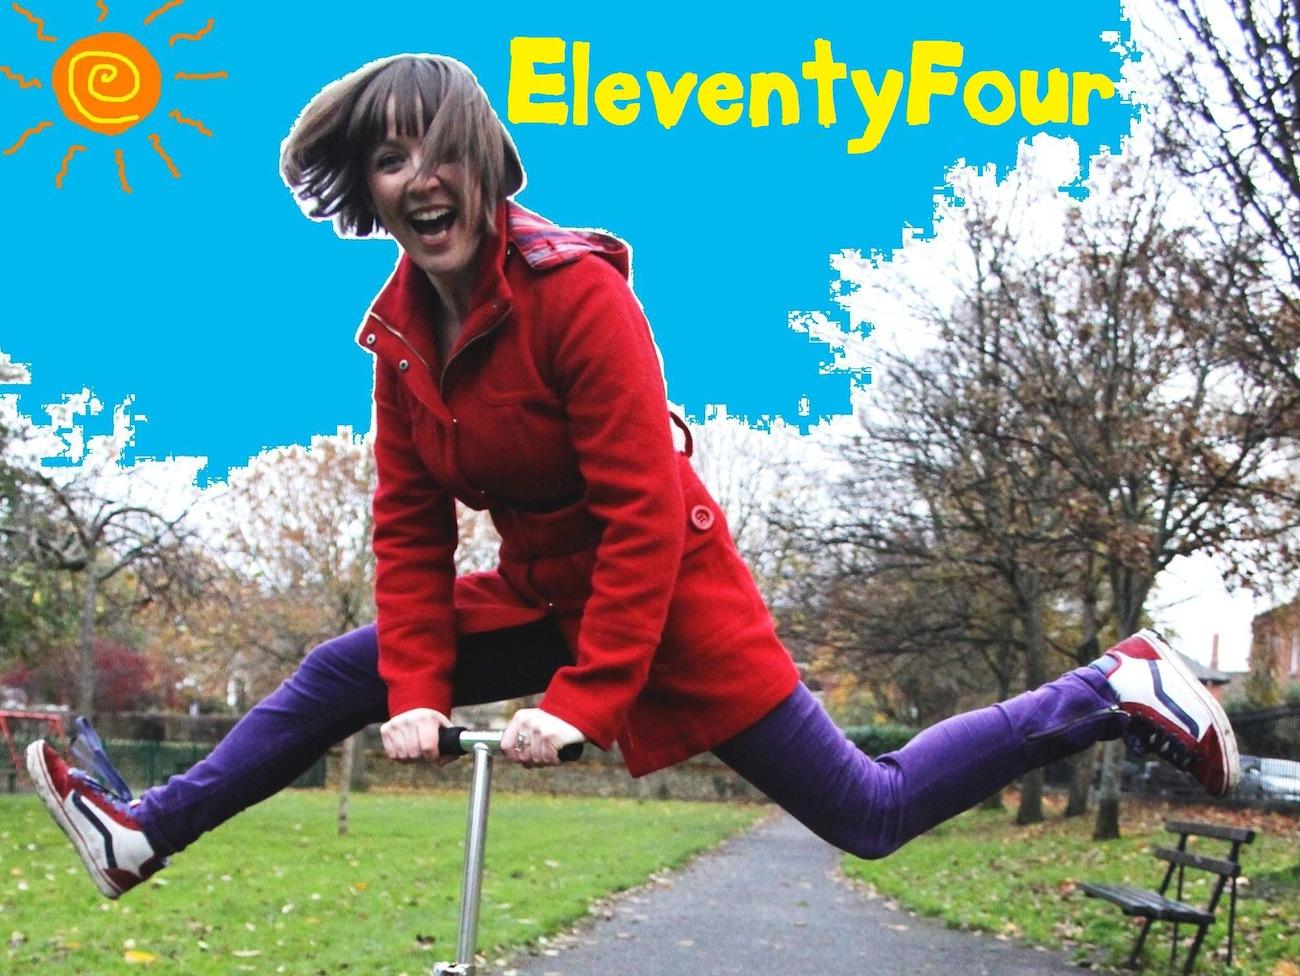 eleventyfour-pogo